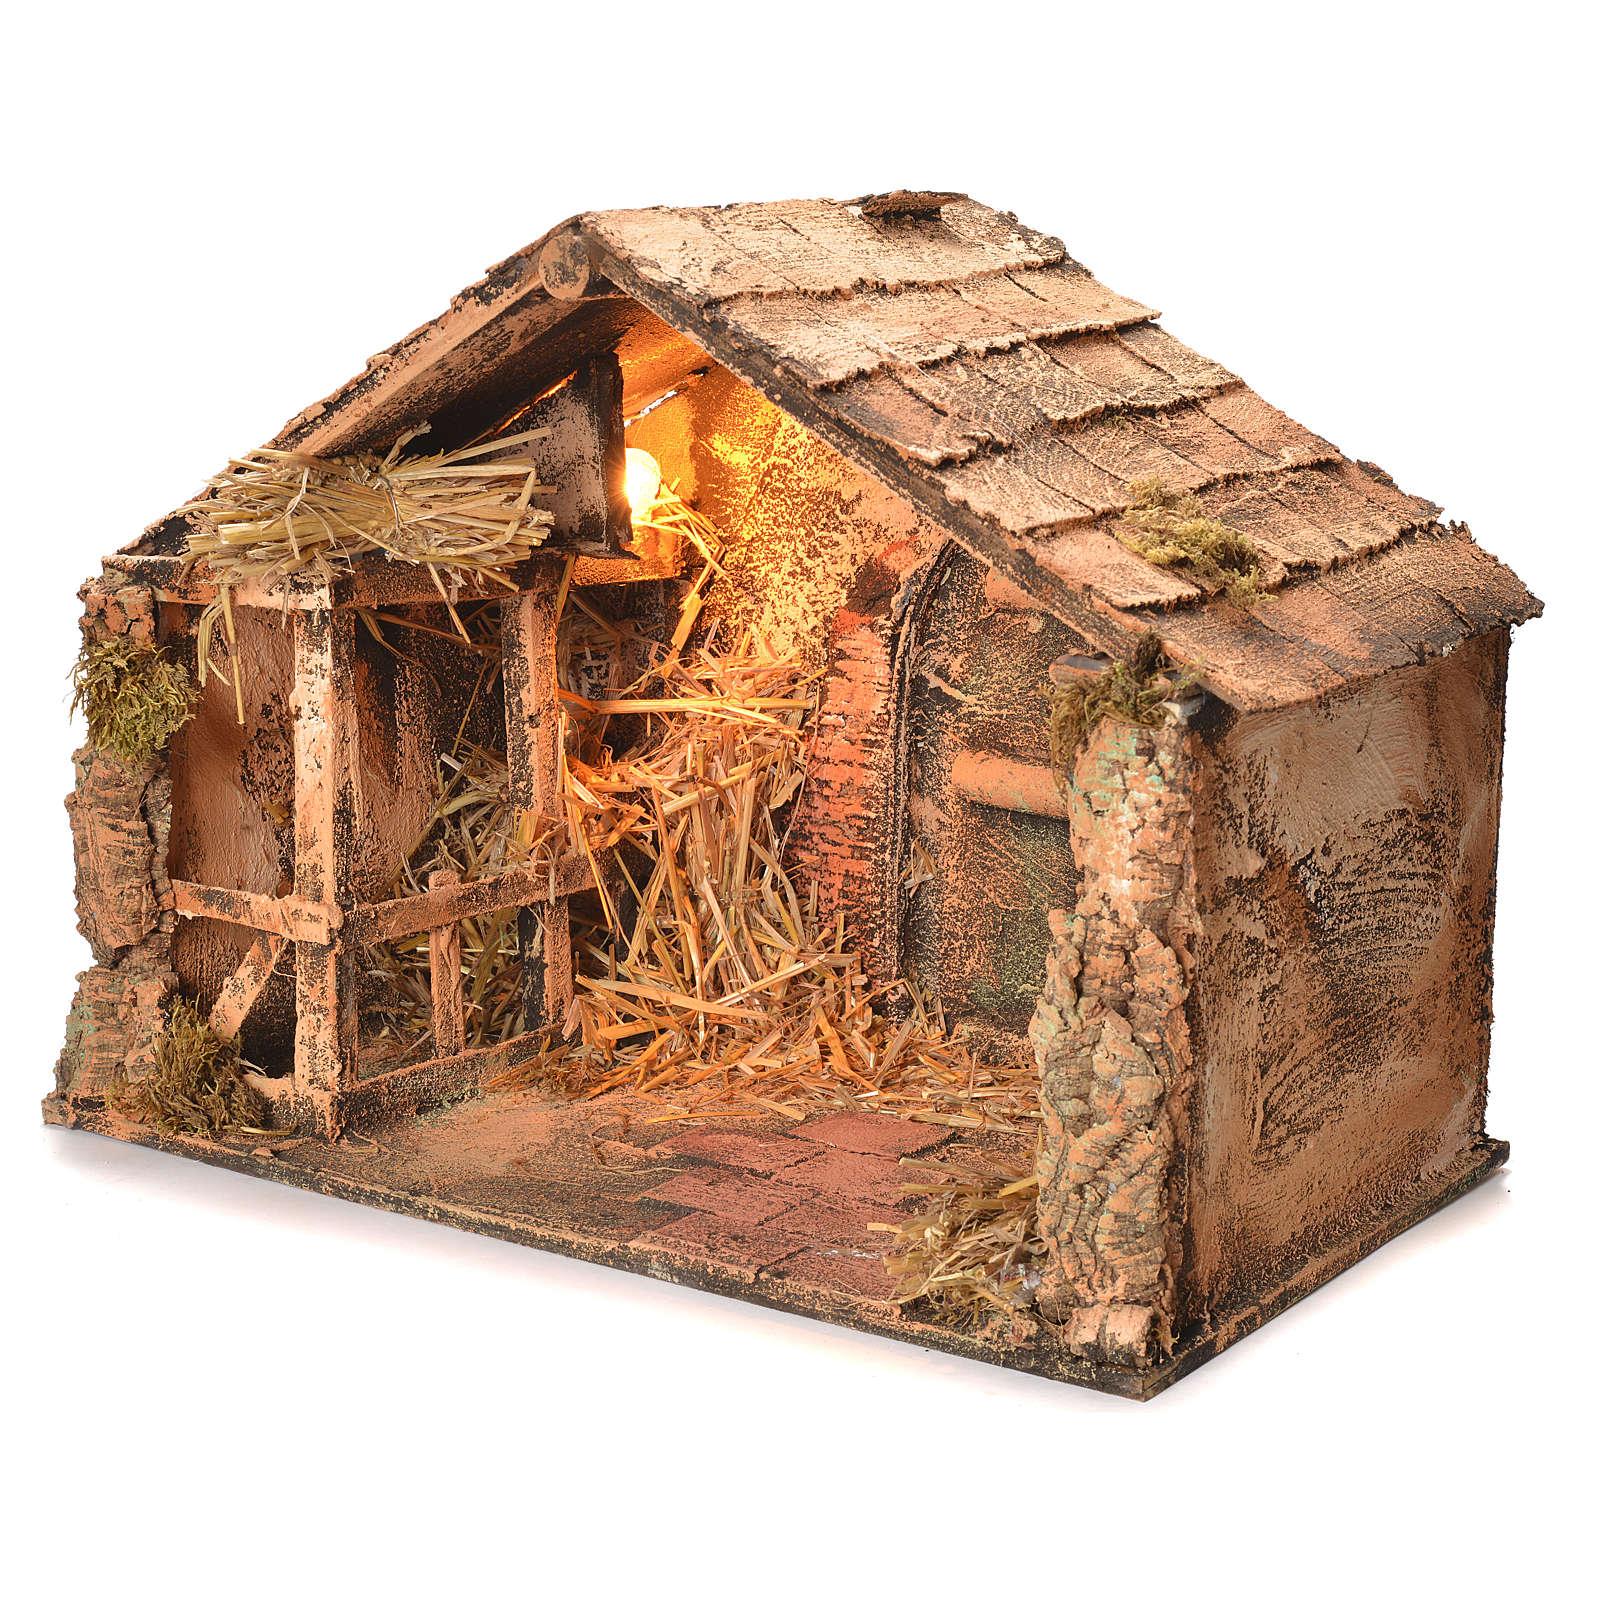 Capanna legno paglia presepe napoletano 36X51X29 4